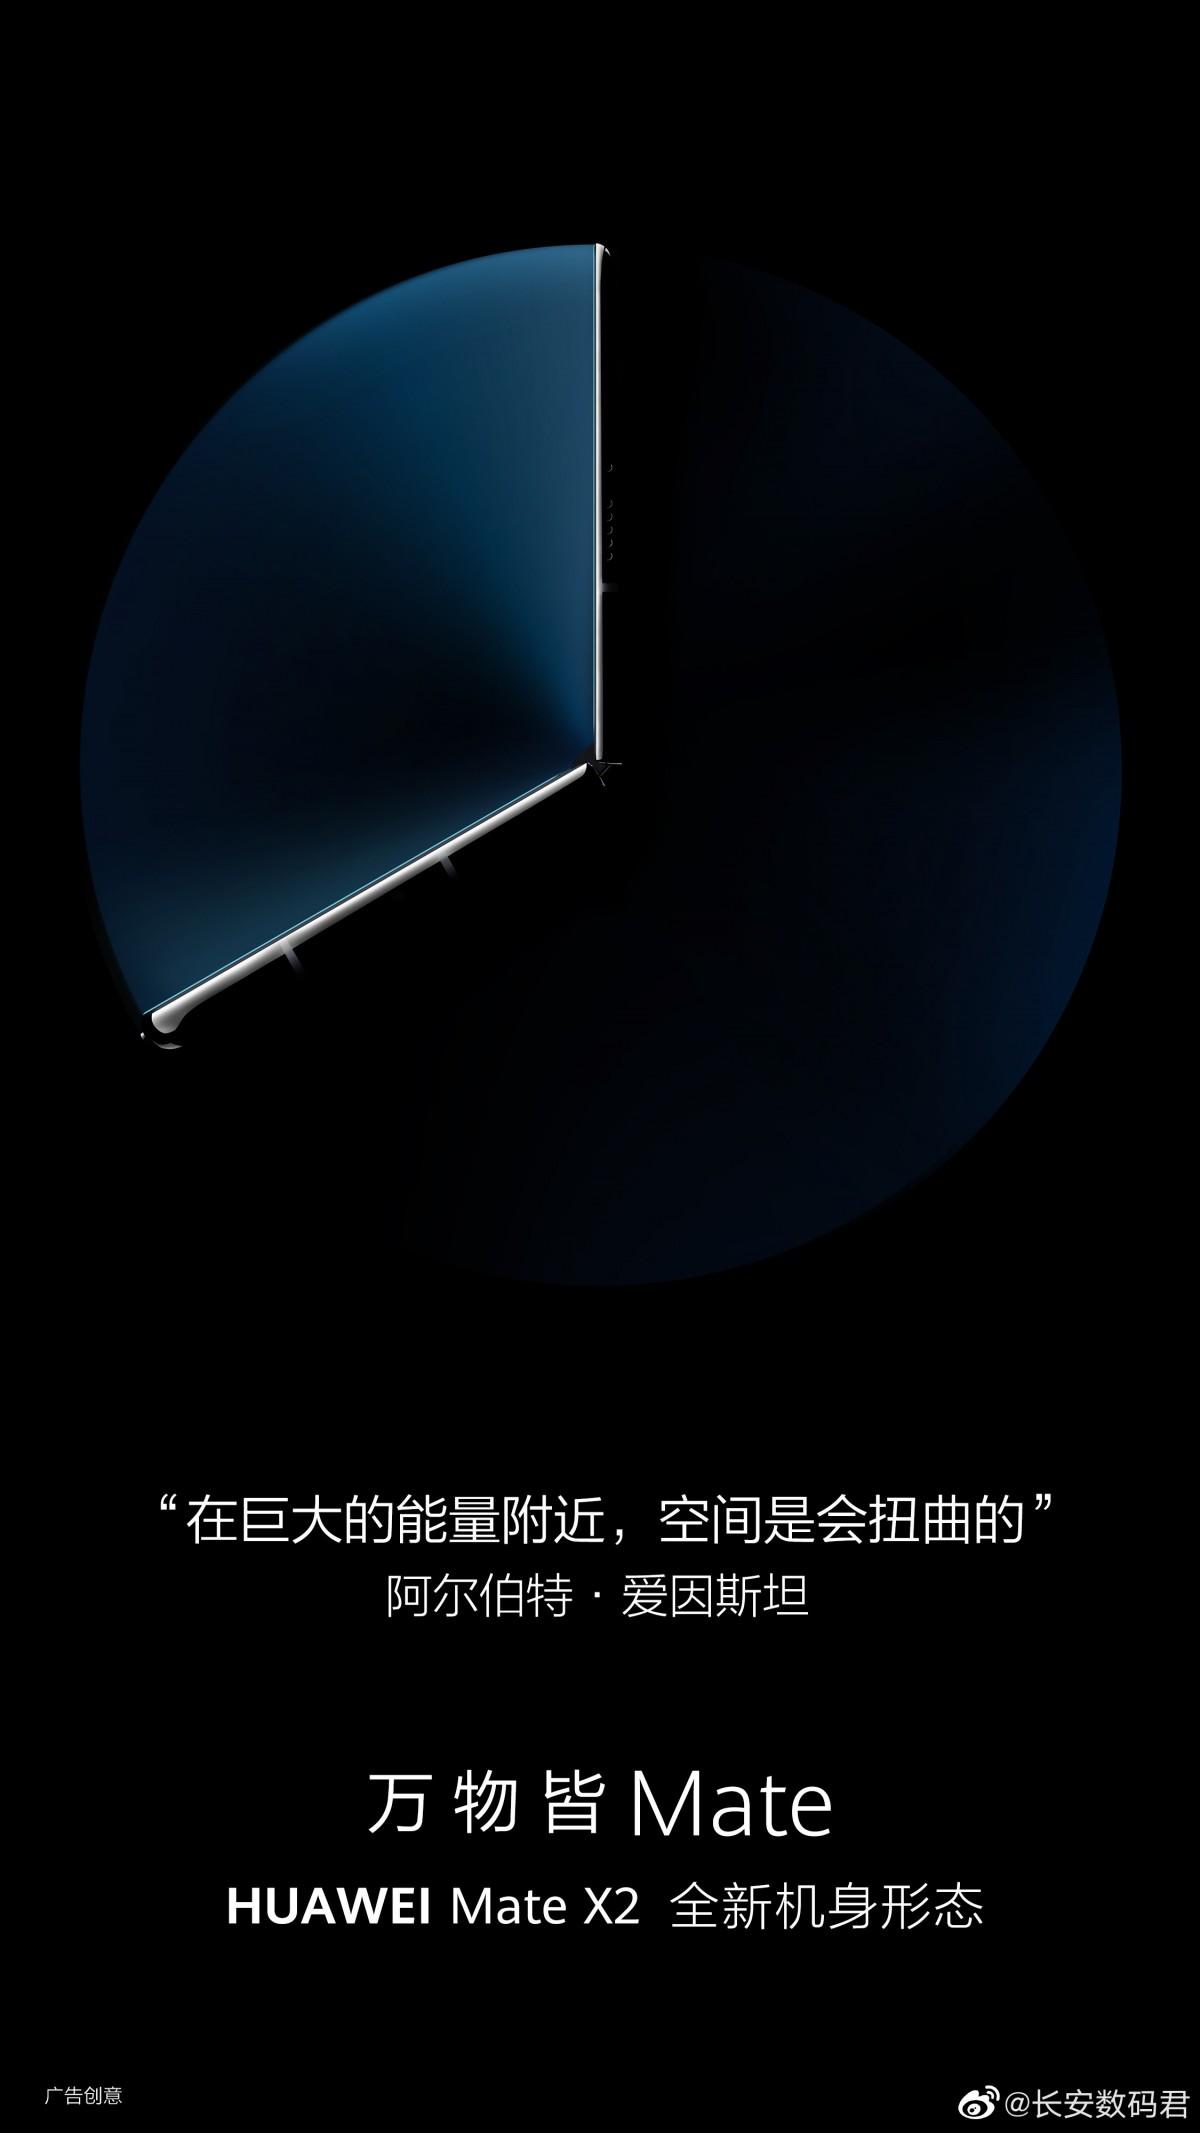 Gambar Huawei Mate X2 baru mengkonfirmasi lipatan ke dalam